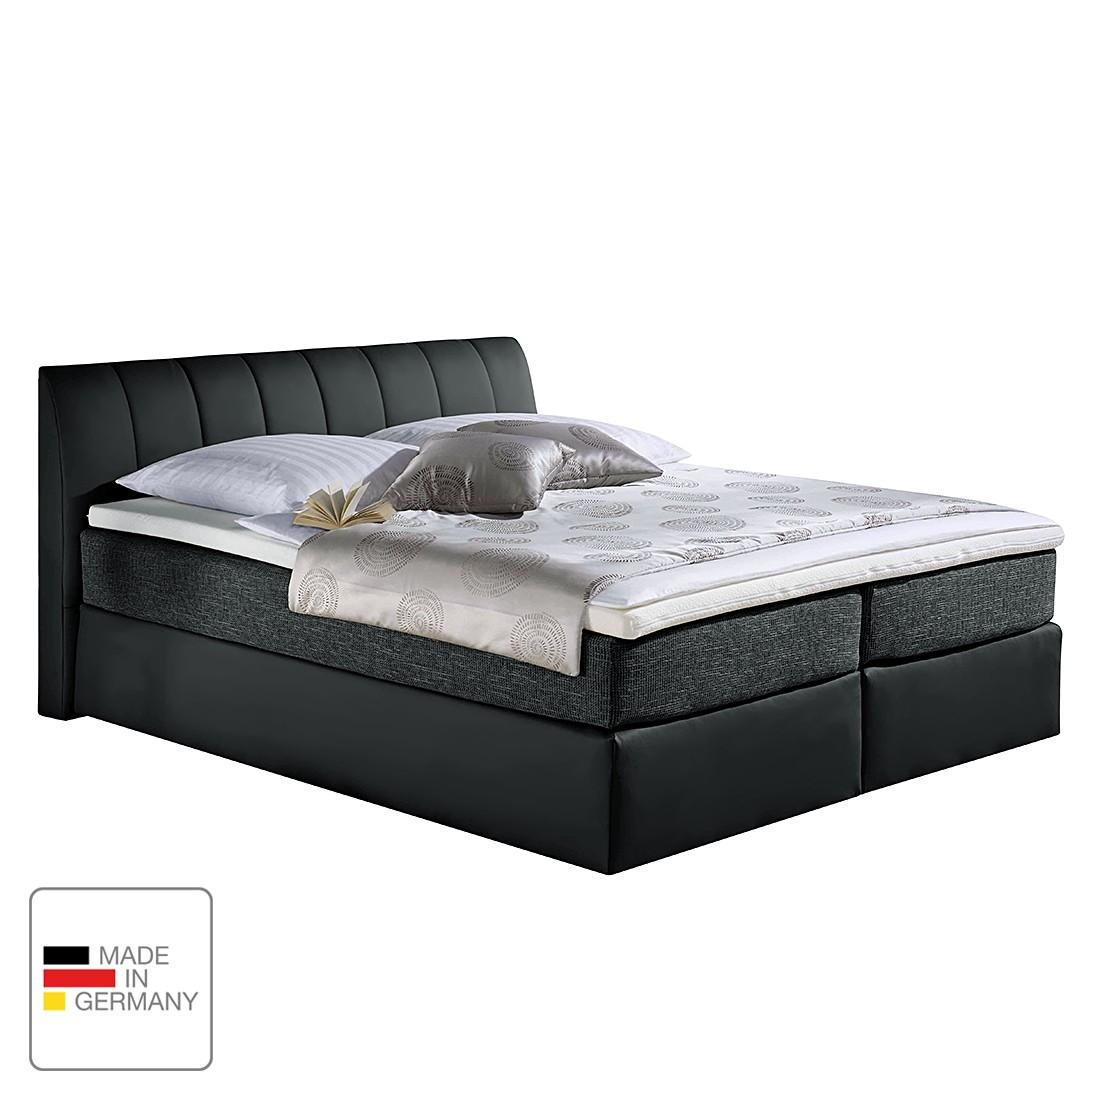 Schlafzimmer Betten Online Kaufen Möbel Suchmaschine